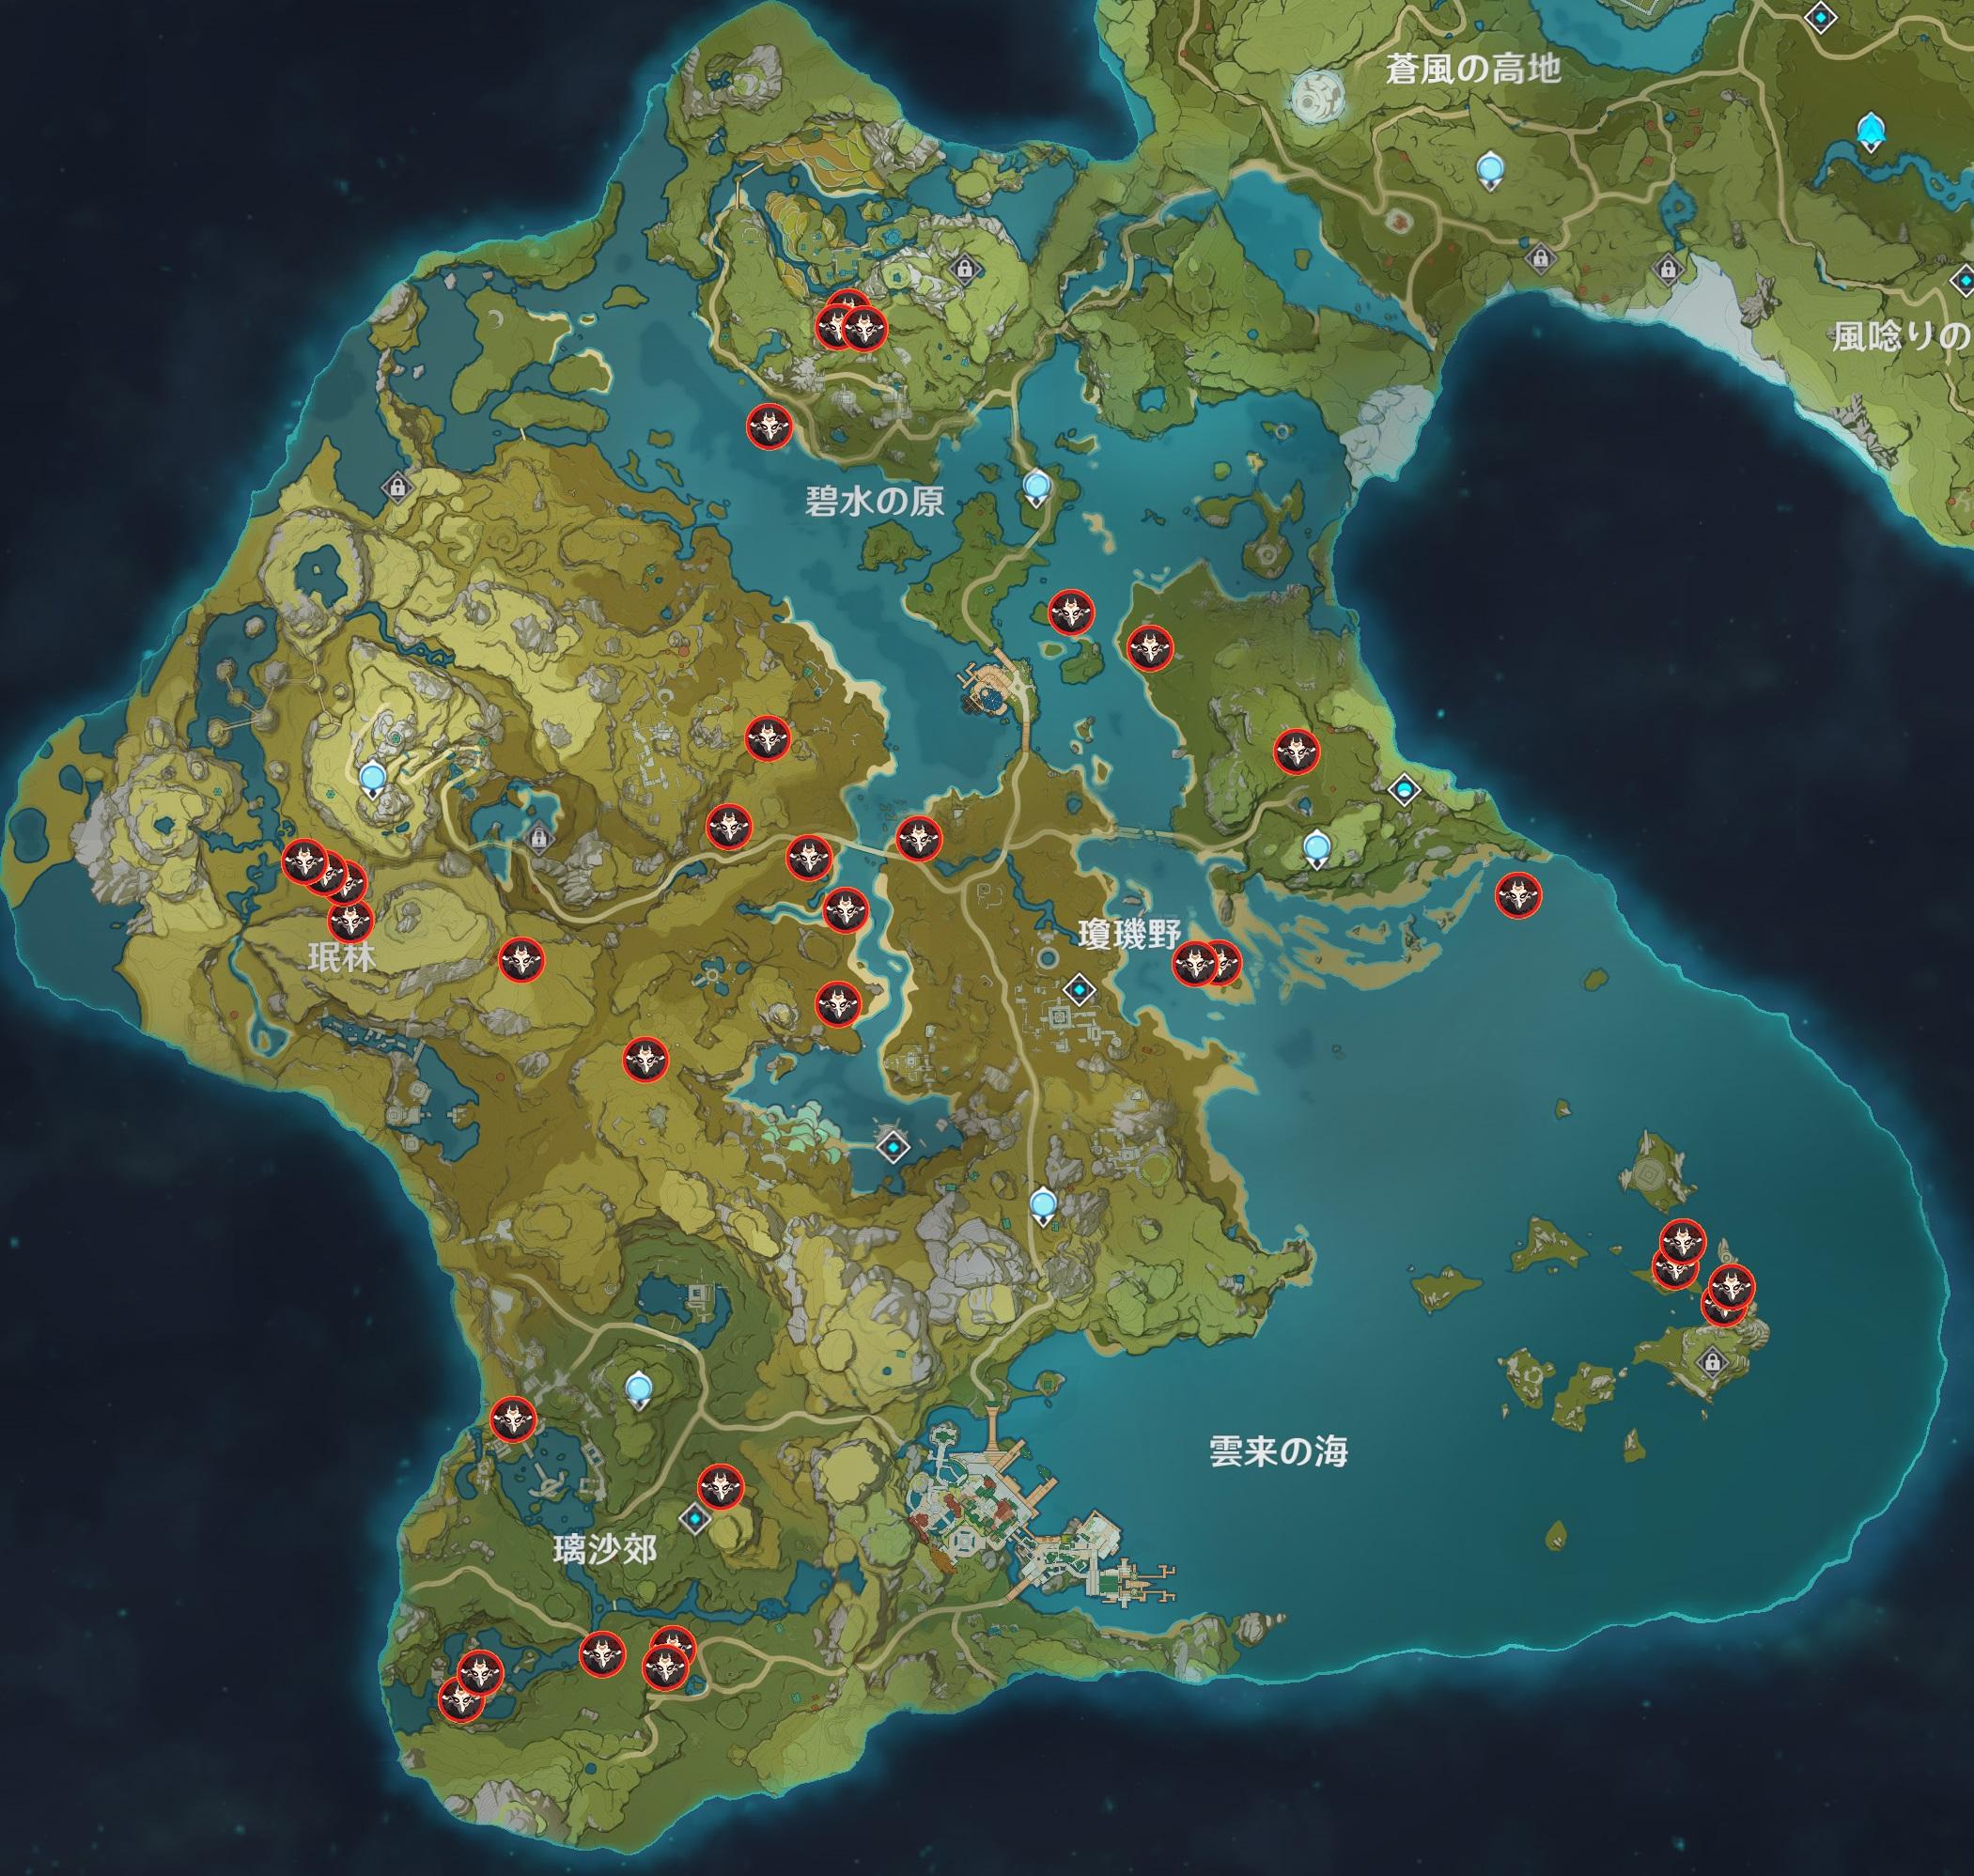 討伐マップ